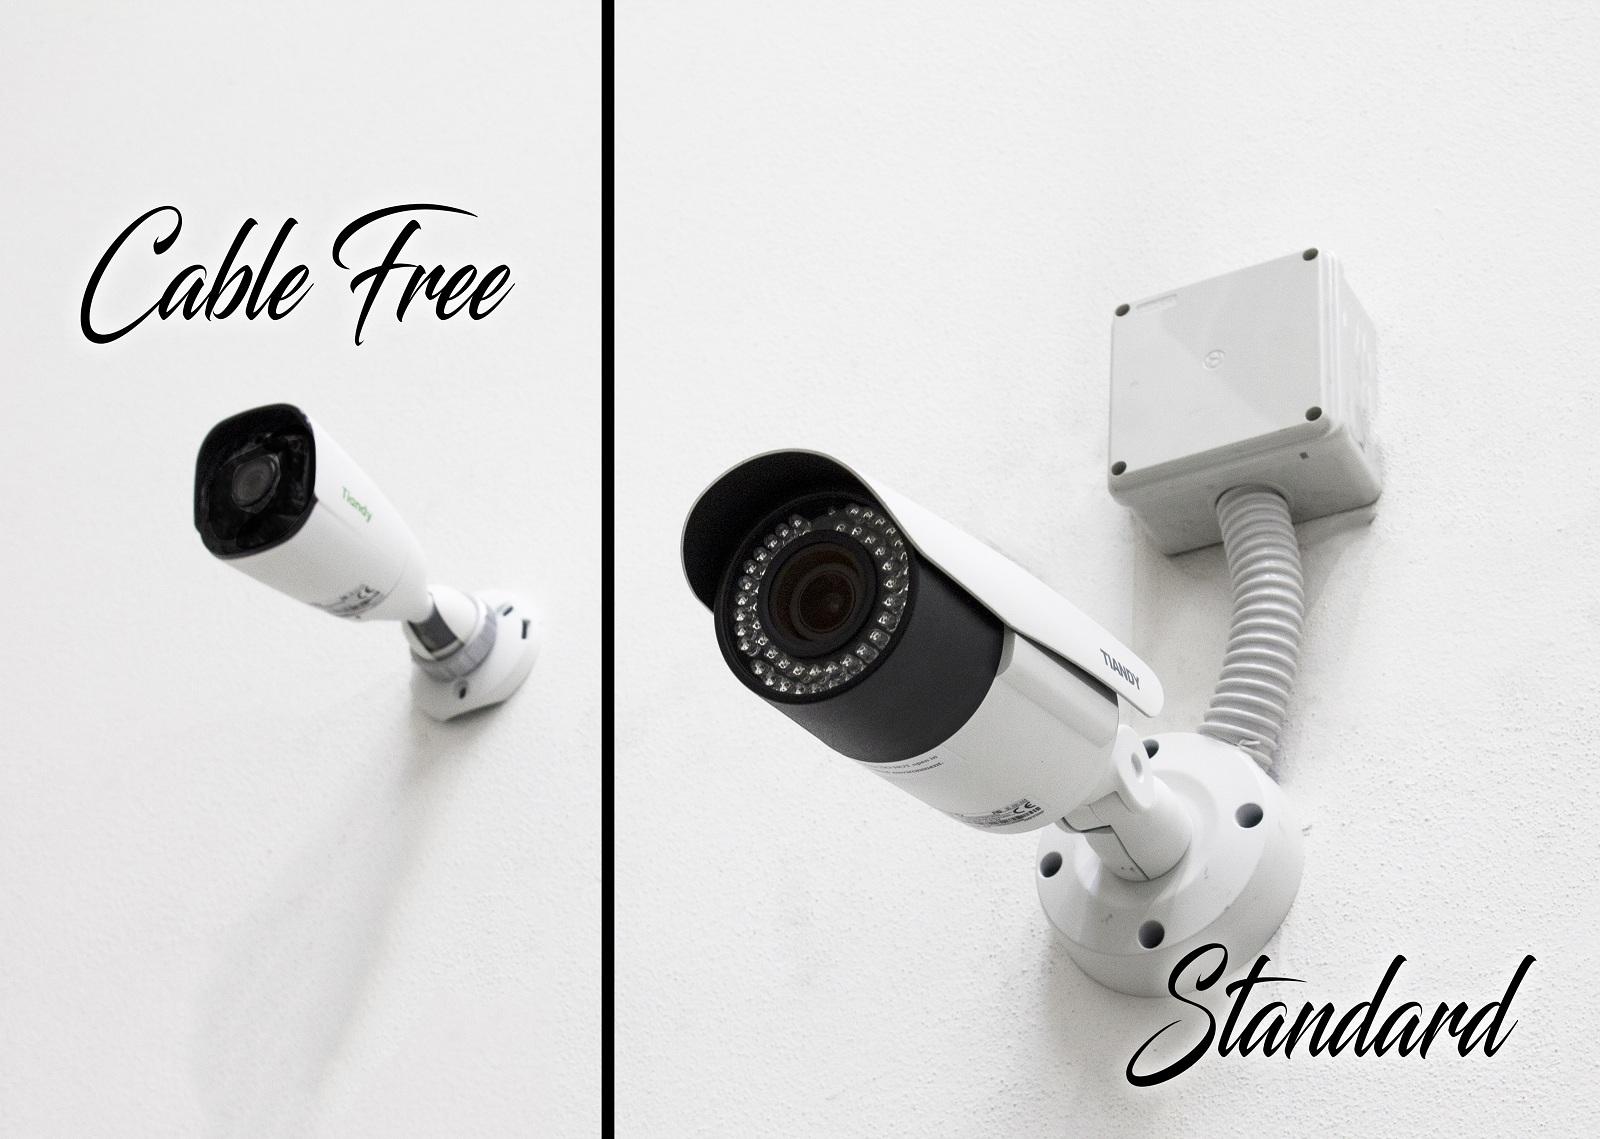 Differenza tra una telecamera Standard e una cable free